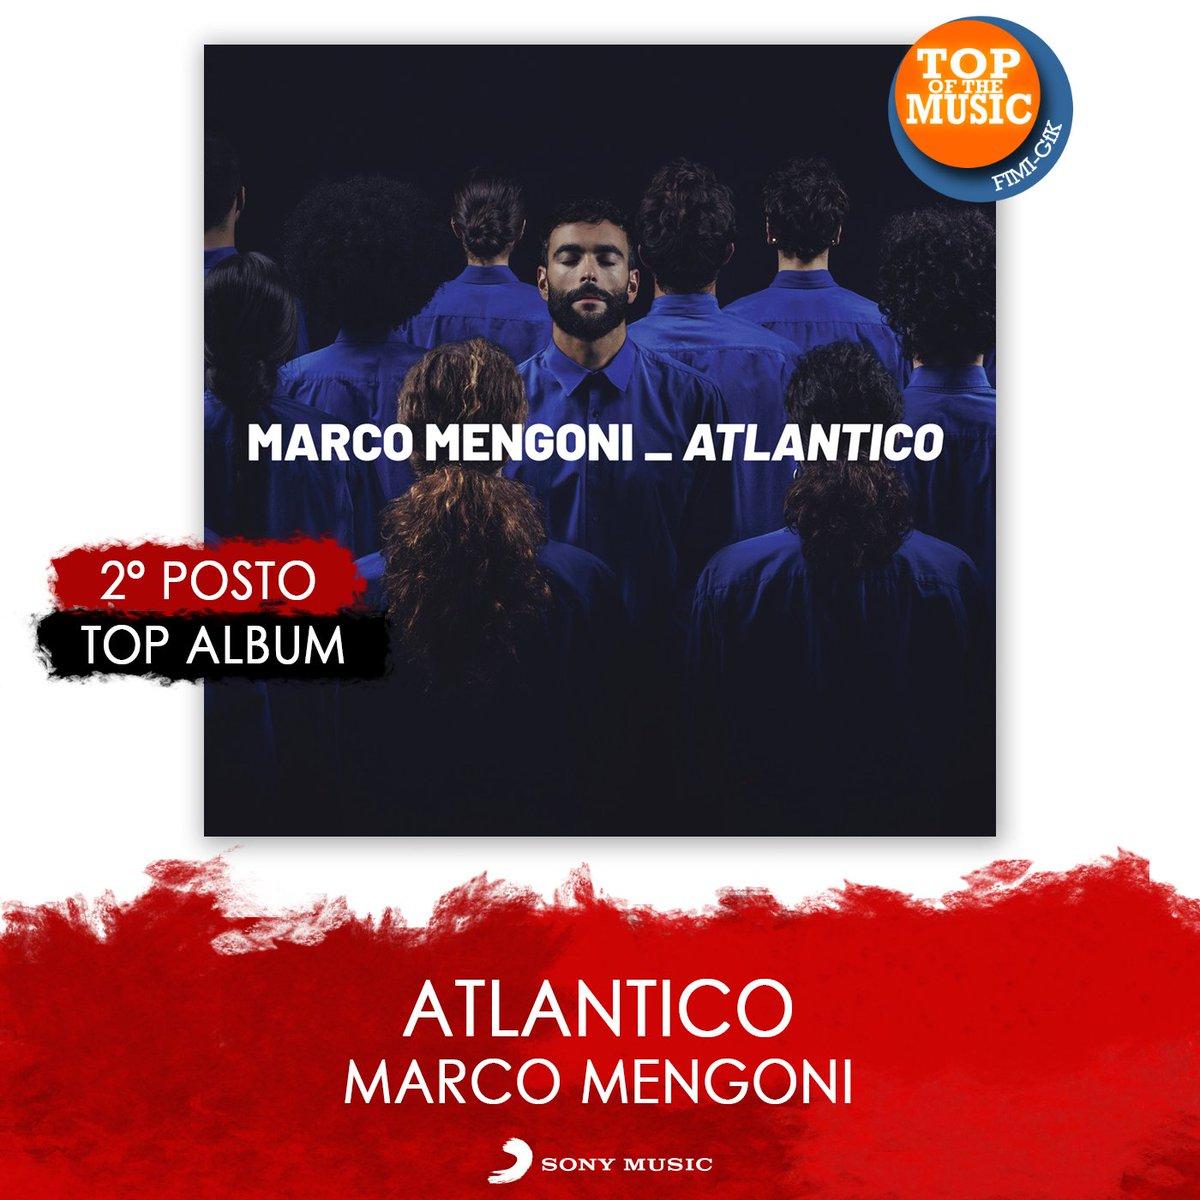 .@mengonimarco sempre sul podio! #Atlantico è al secondo posto nella classifica degli album più venduti 👏👏